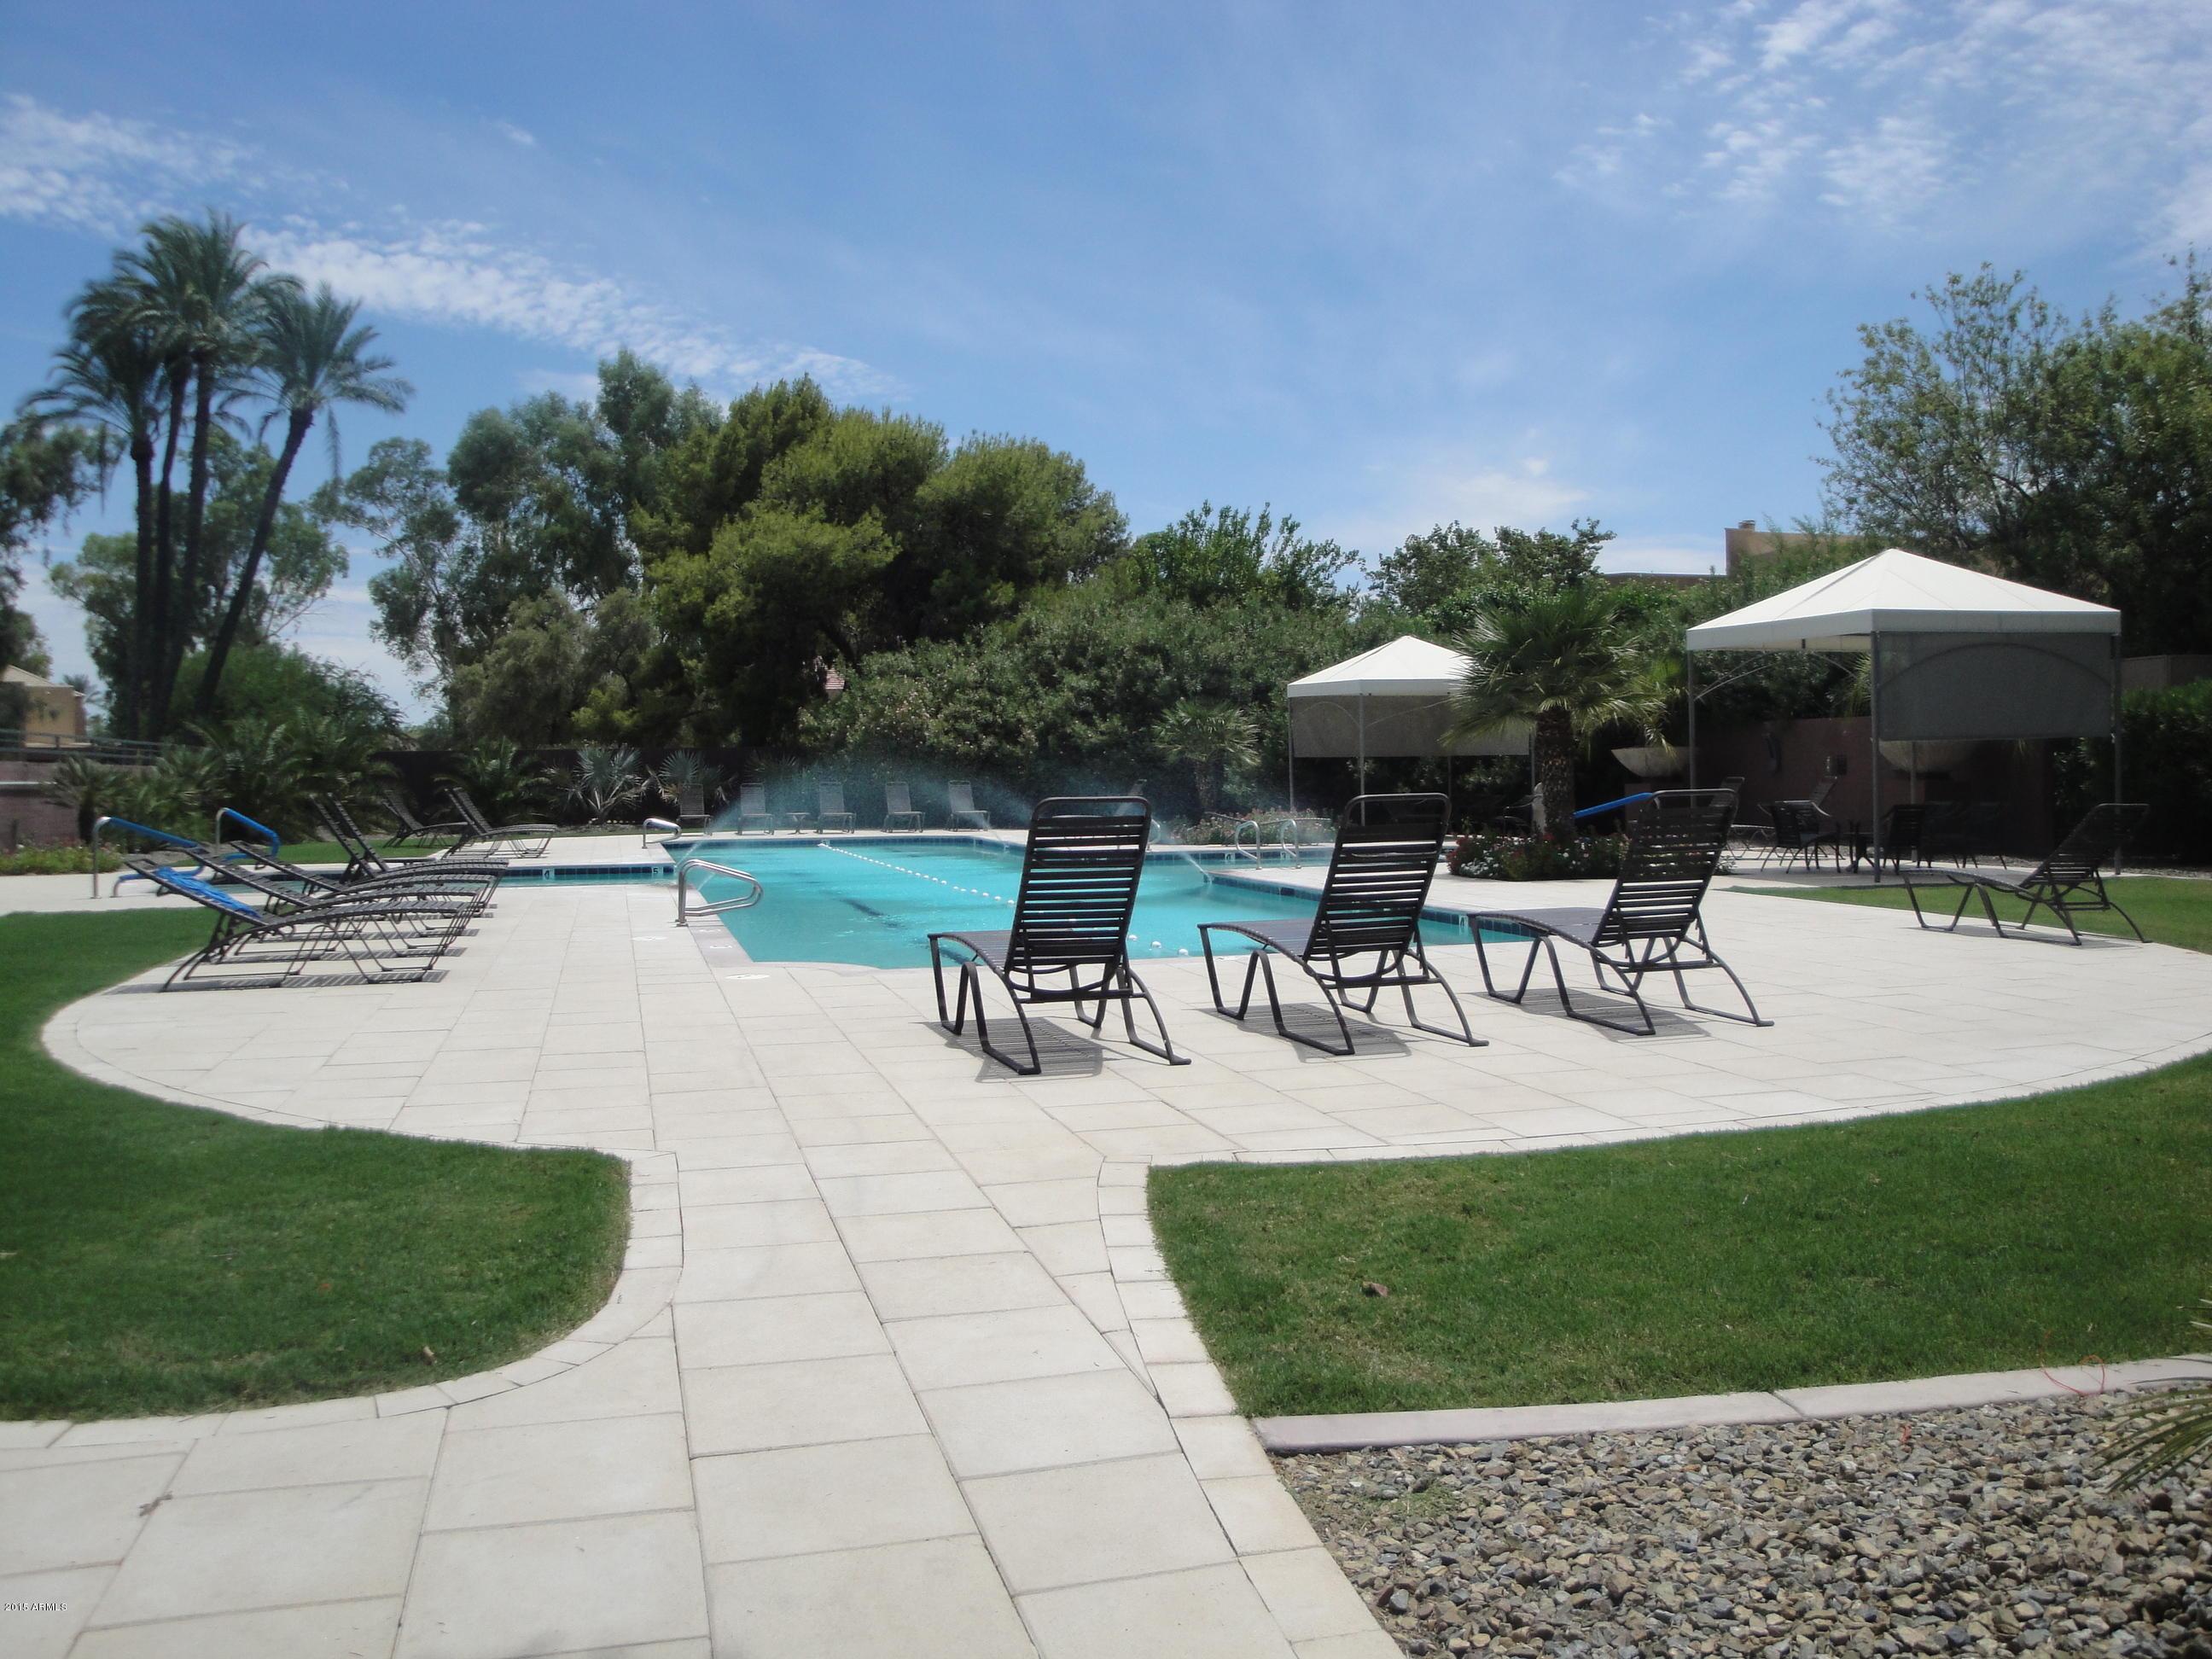 MLS 5787363 7323 E GAINEY RANCH Road Unit 10, Scottsdale, AZ 85258 Scottsdale AZ Gainey Ranch